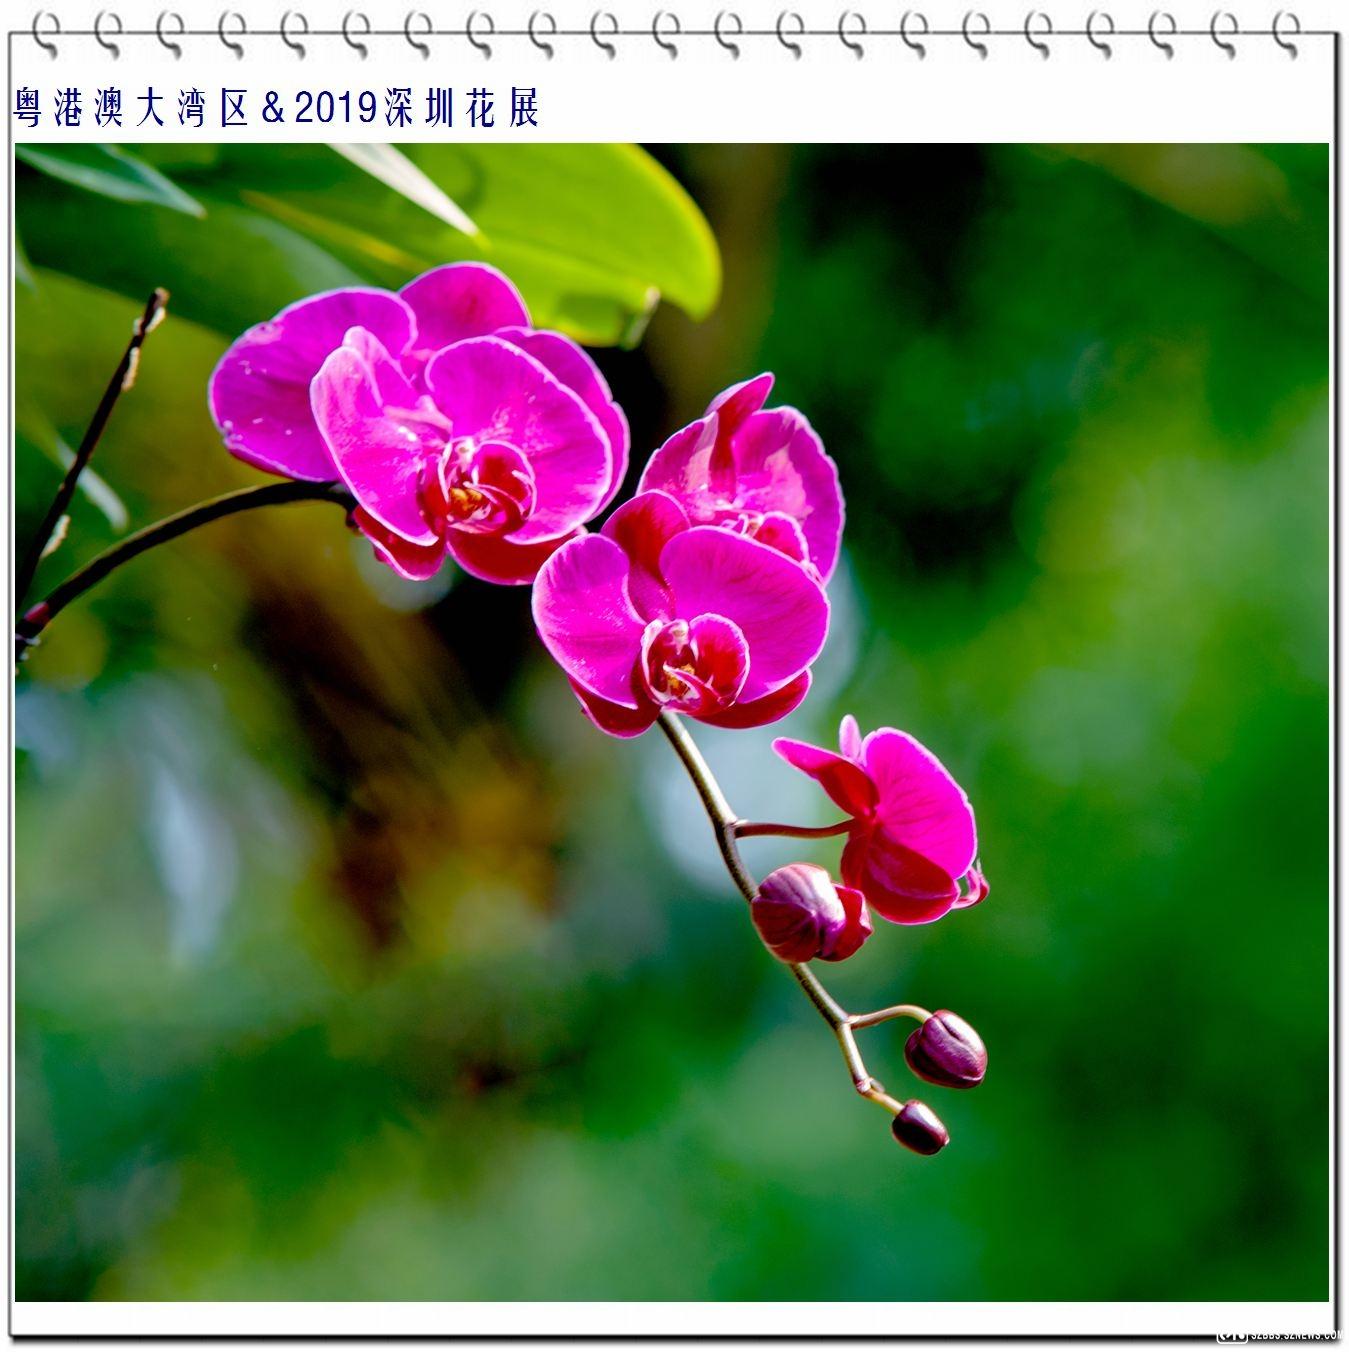 蝴蝶兰 (2).jpg